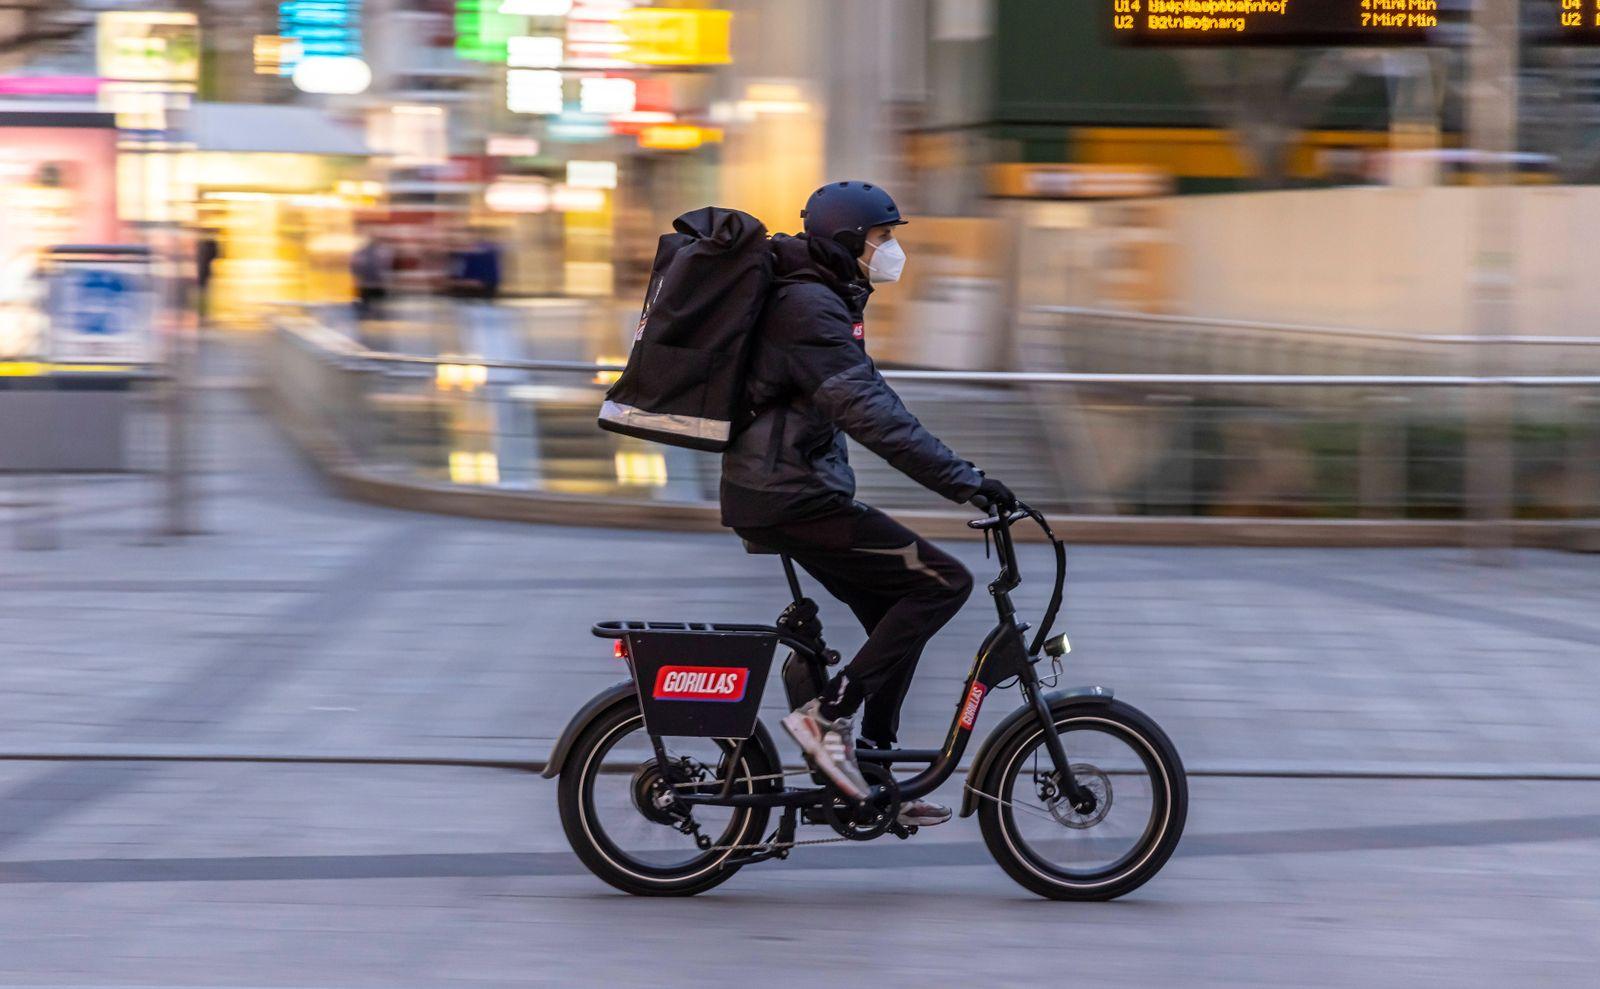 Fahrradkurier des Lieferdienstes Gorillas. Der Lieferservice Gorillas will Angeboten wie Amazons Prime Now Konkurrenz ma